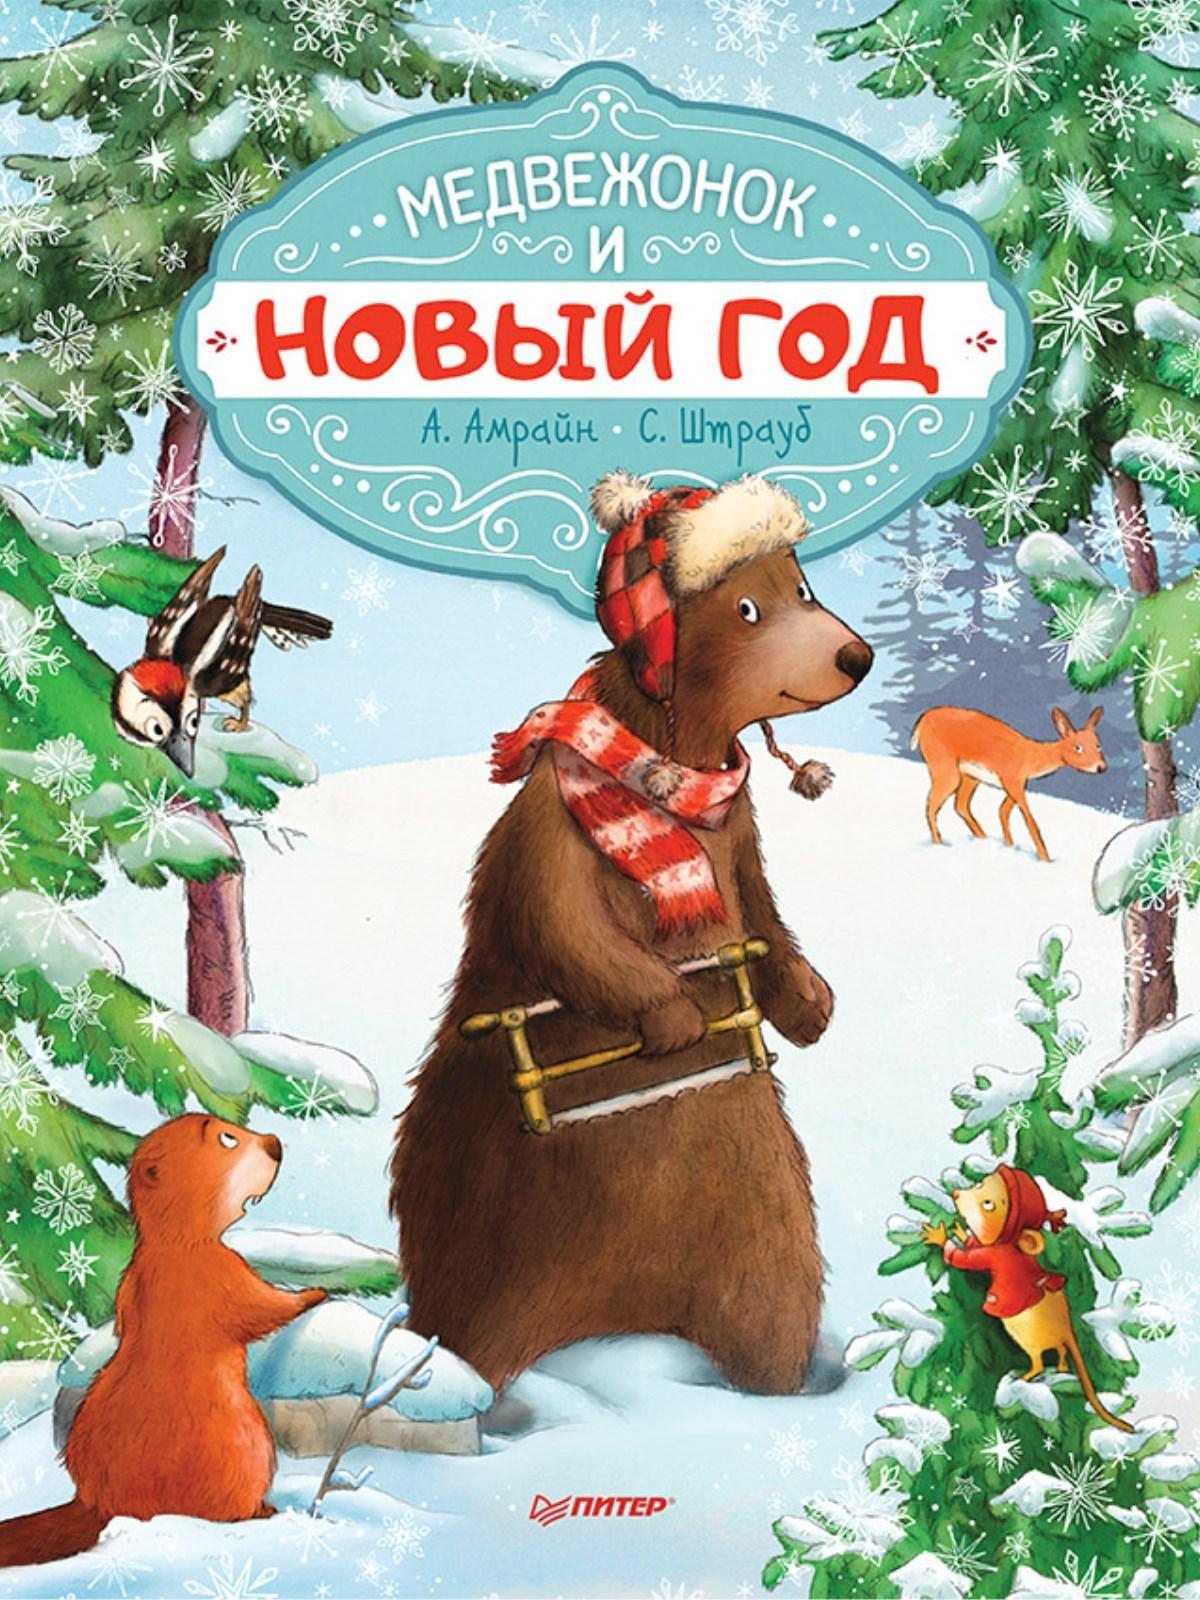 Амрайн А., Штрауб С. Медвежонок и Новый год. Специальное предложение волкова н новый год в лесу